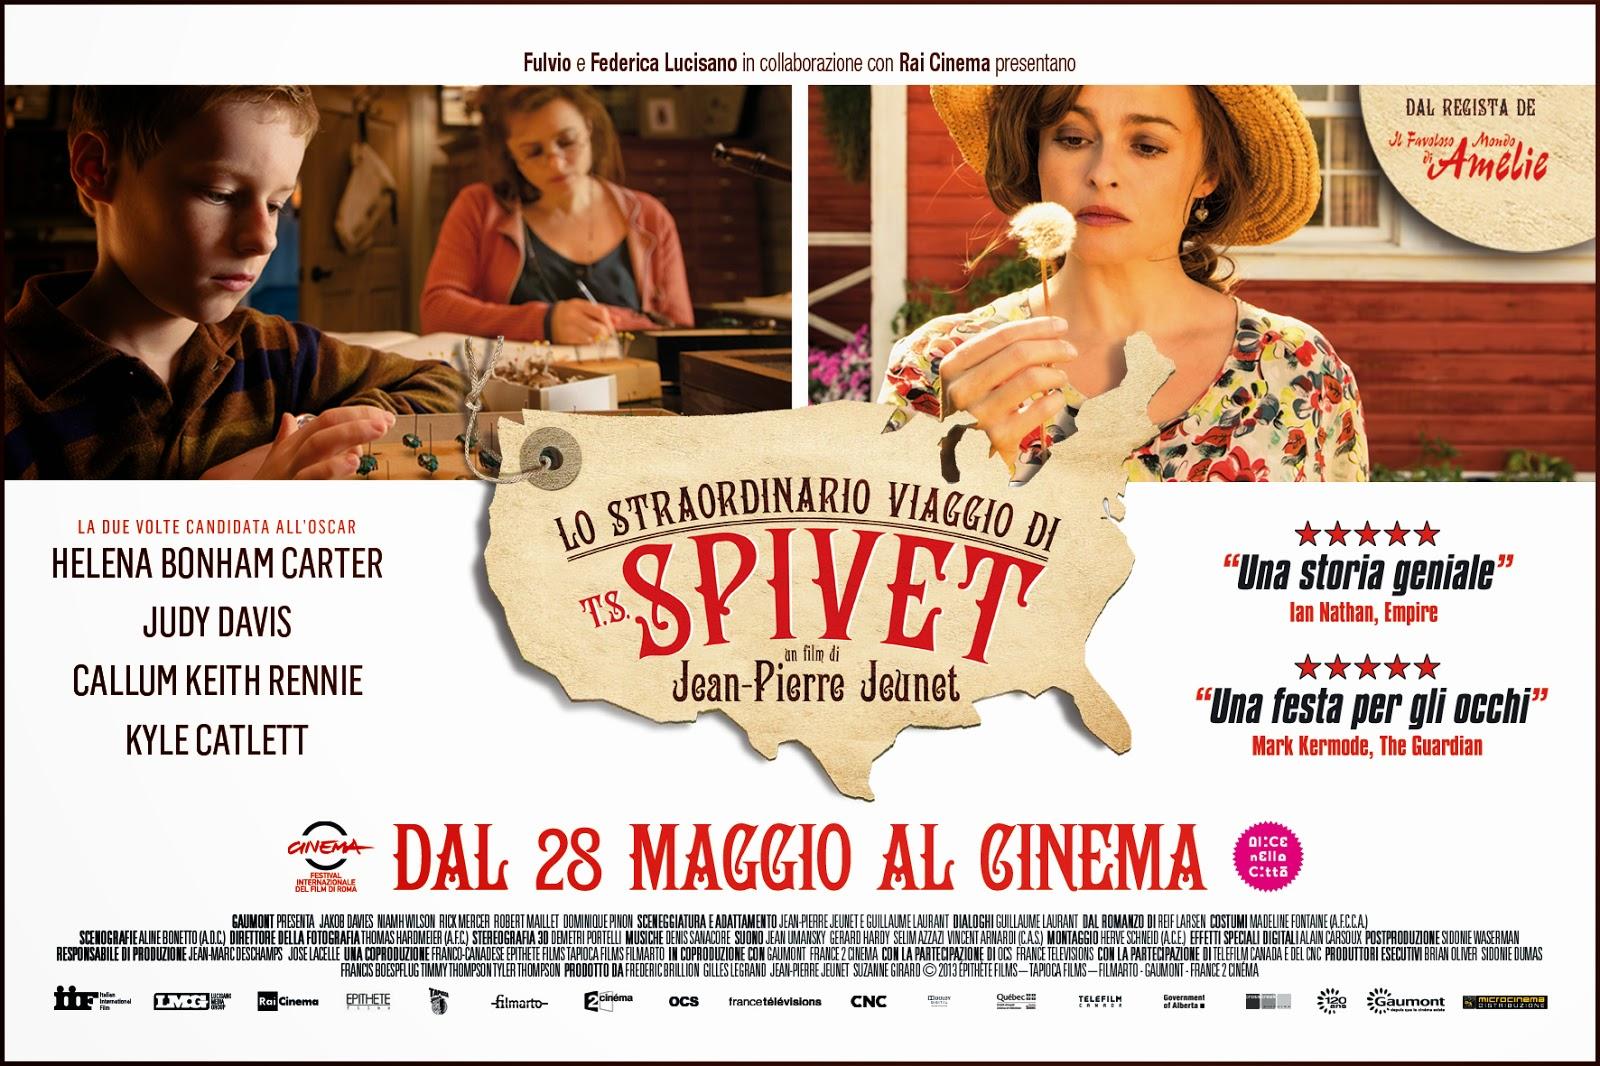 Lo straordinario viaggio di T.S. Spivet in 3D 2014 Film Intero